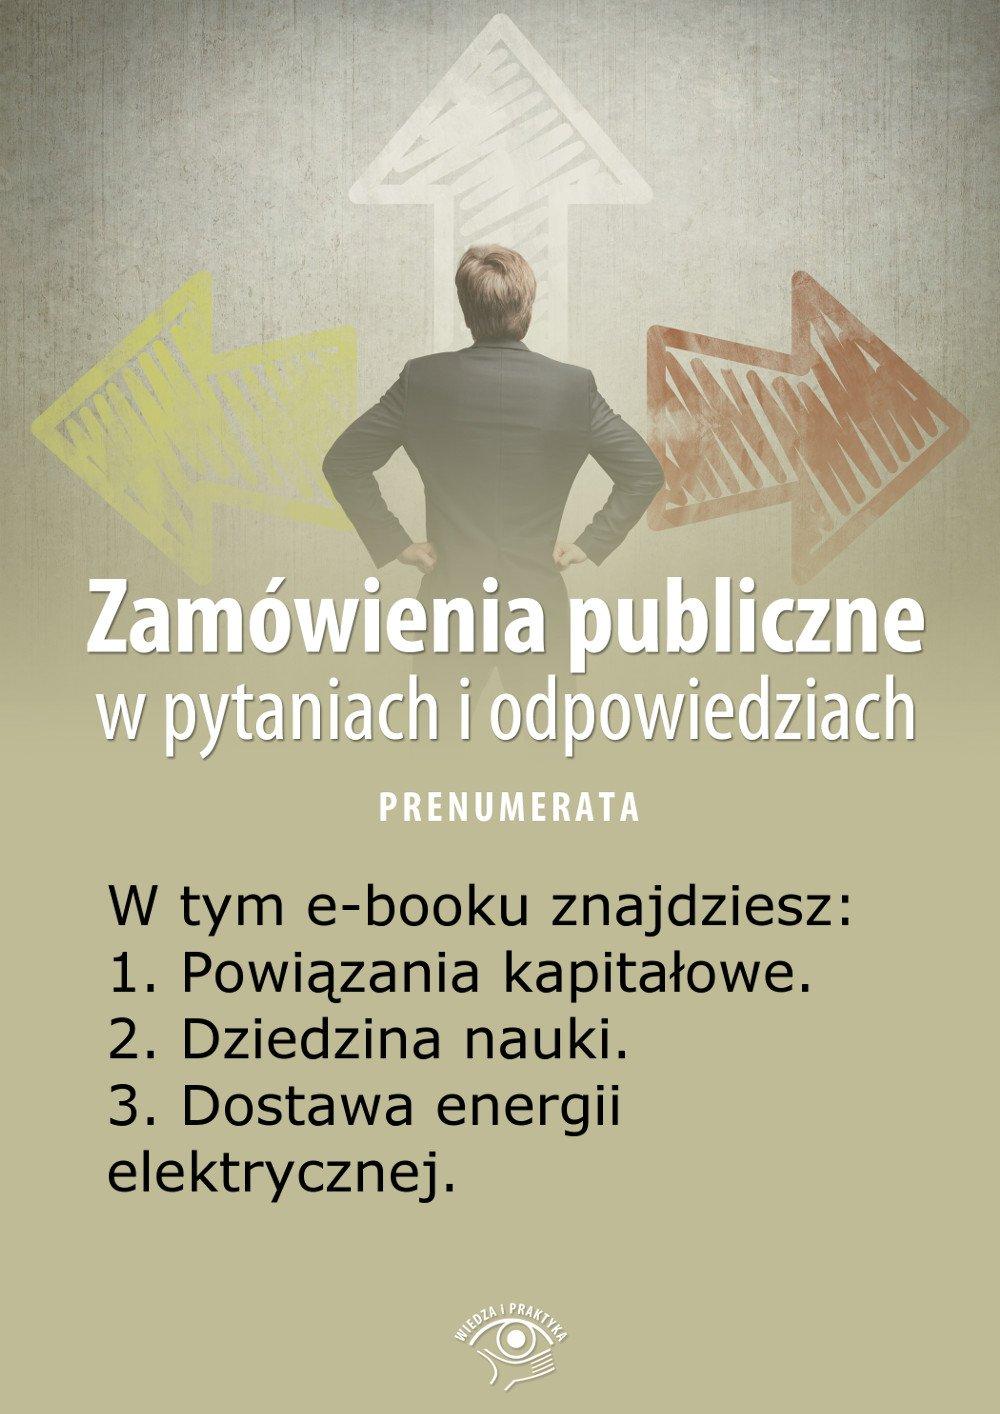 Zamówienia publiczne w pytaniach i odpowiedziach. Wydanie lipiec-sierpień 2014 r. - Ebook (Książka EPUB) do pobrania w formacie EPUB